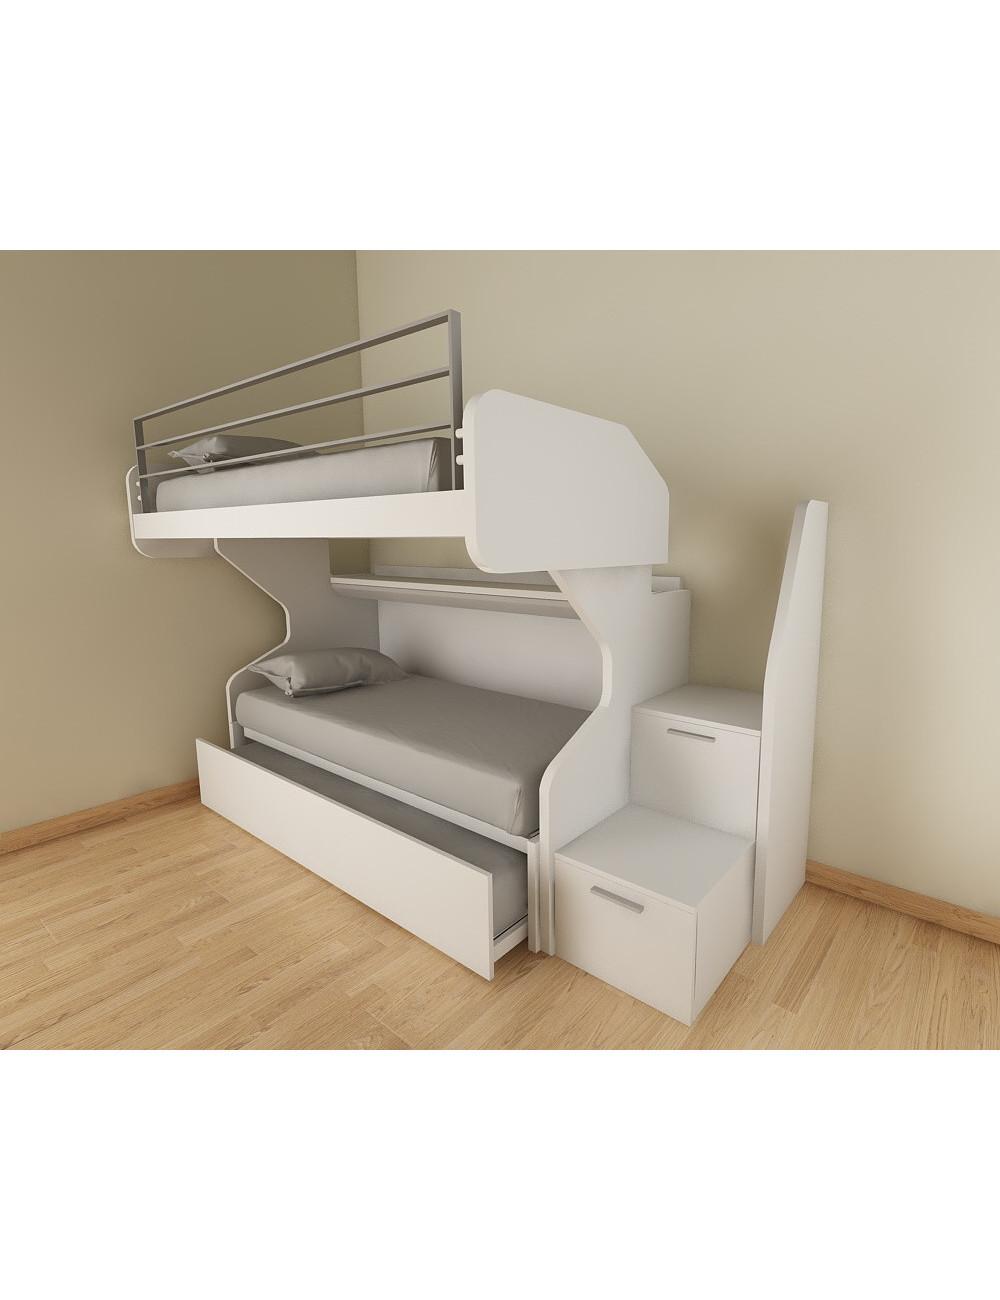 art soppalco 3 lit superpose coulissant avec deuxieme lit gigogne independant avec echelle a tiroirs